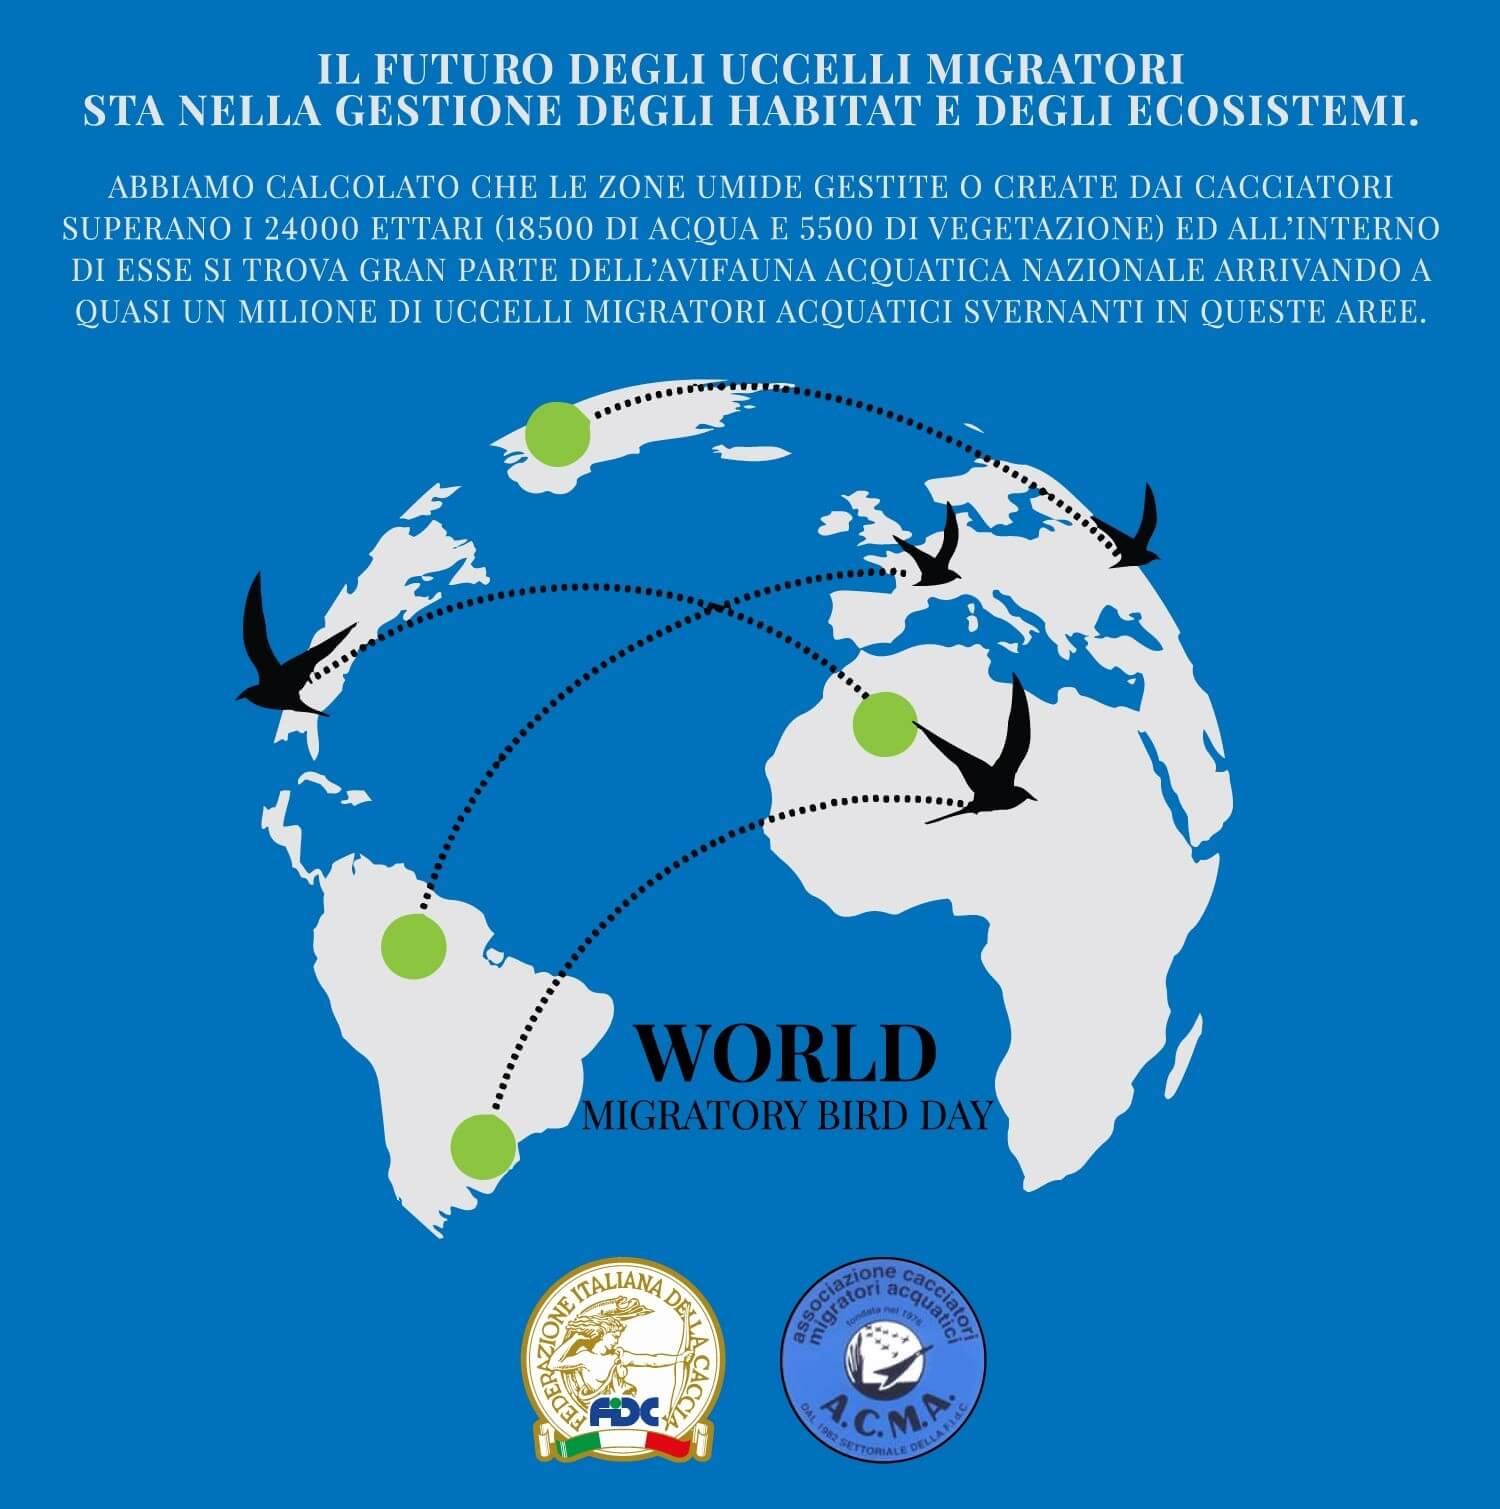 Locandina Giornata mondiale degli Uccelli Migratori